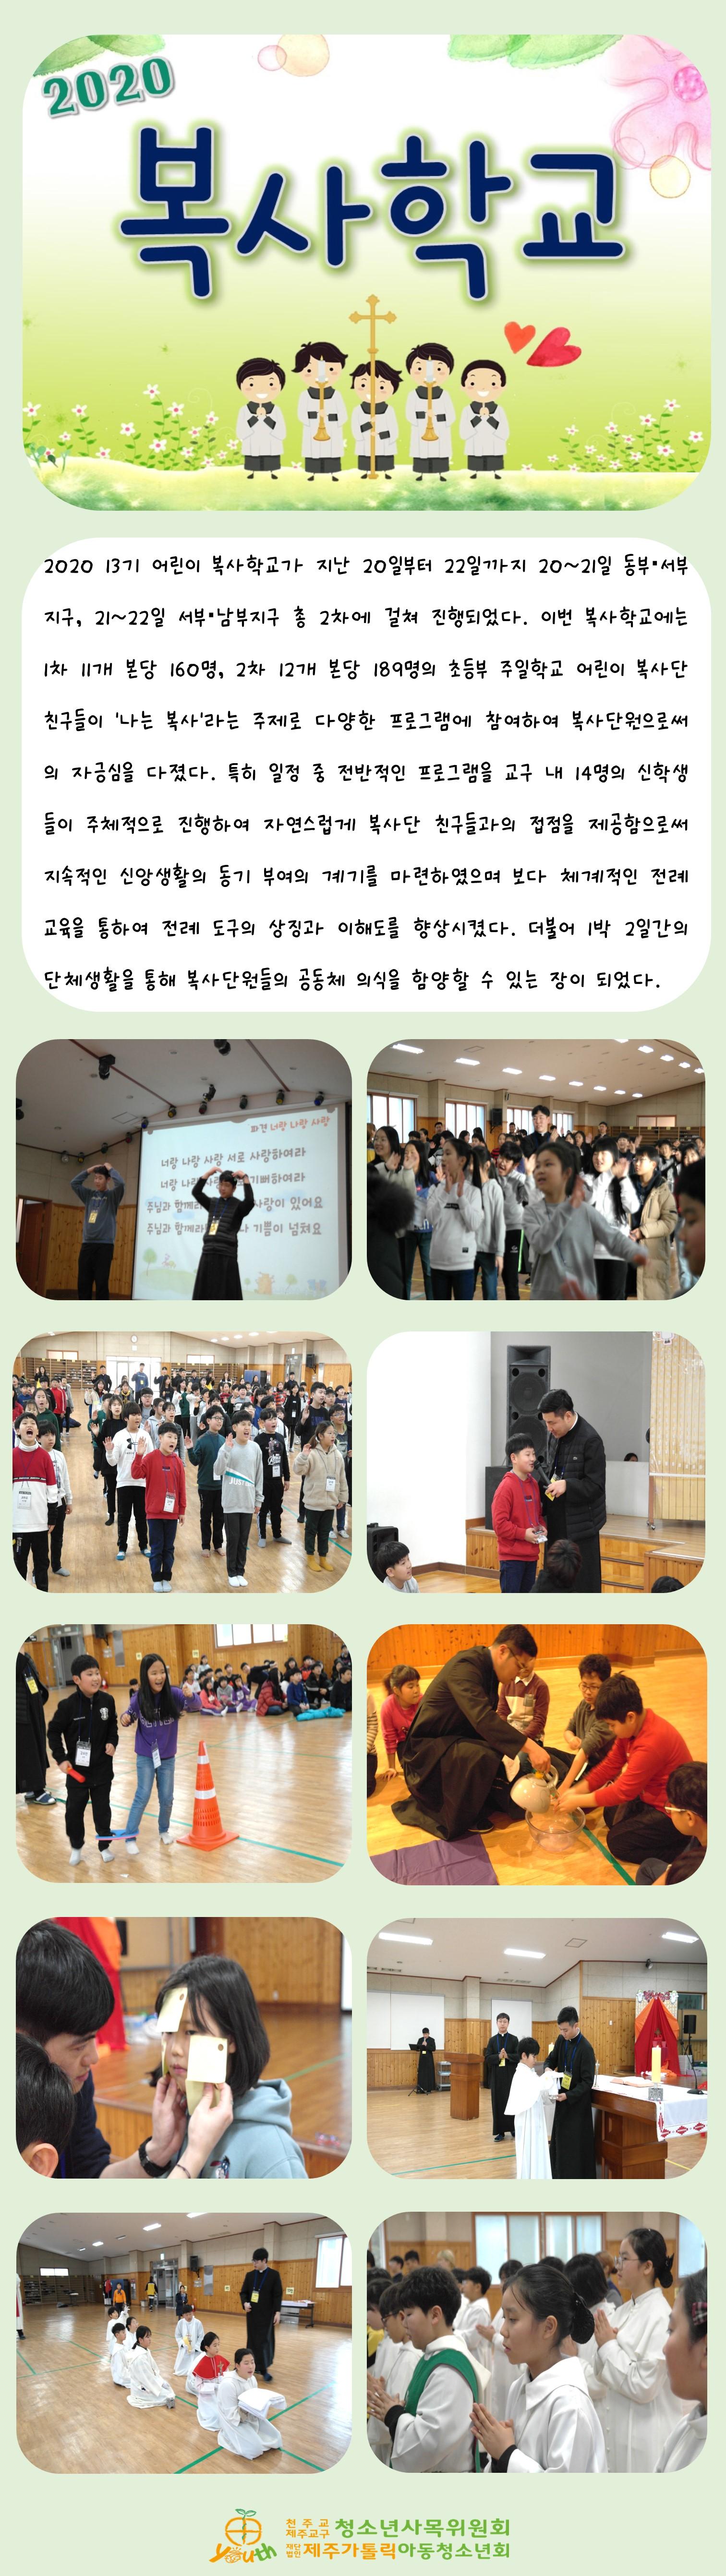 13기 어린이 복사학교.JPG